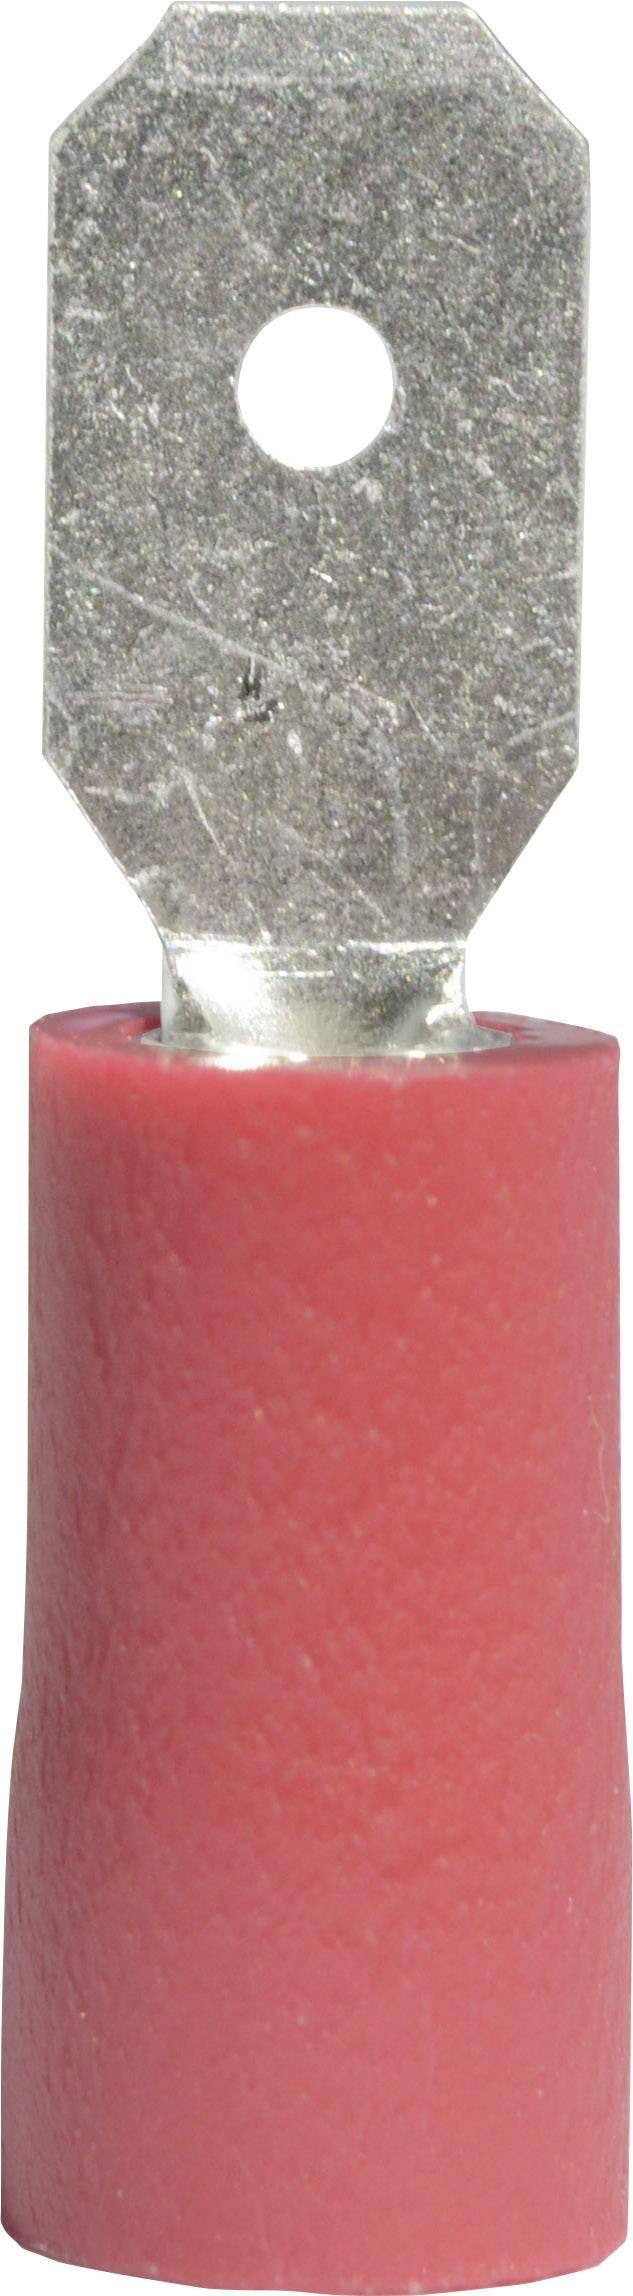 Faston konektor zástrčka Vogt Verbindungstechnik 392805 4.8 mm x 0.5 mm, 180 °, čiastočne izolované, červená, 1 ks